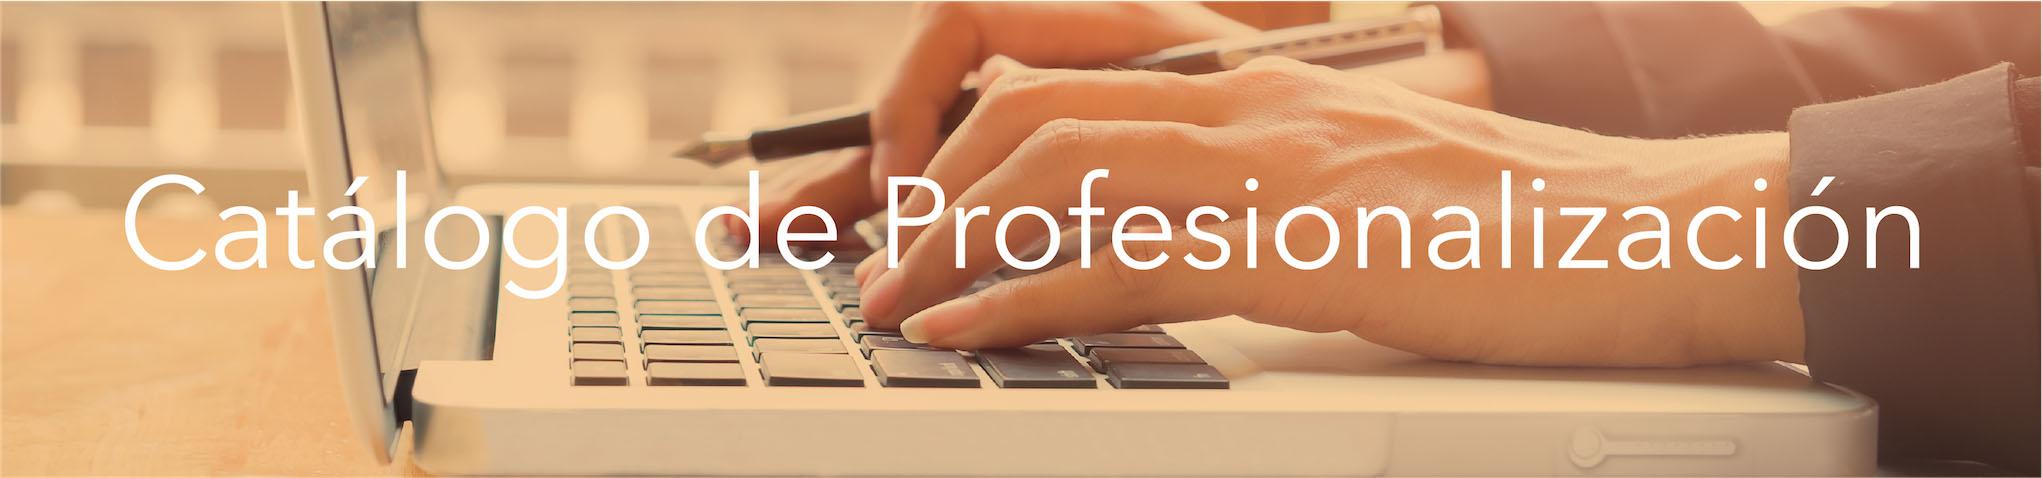 Catálogo de Profesionalización